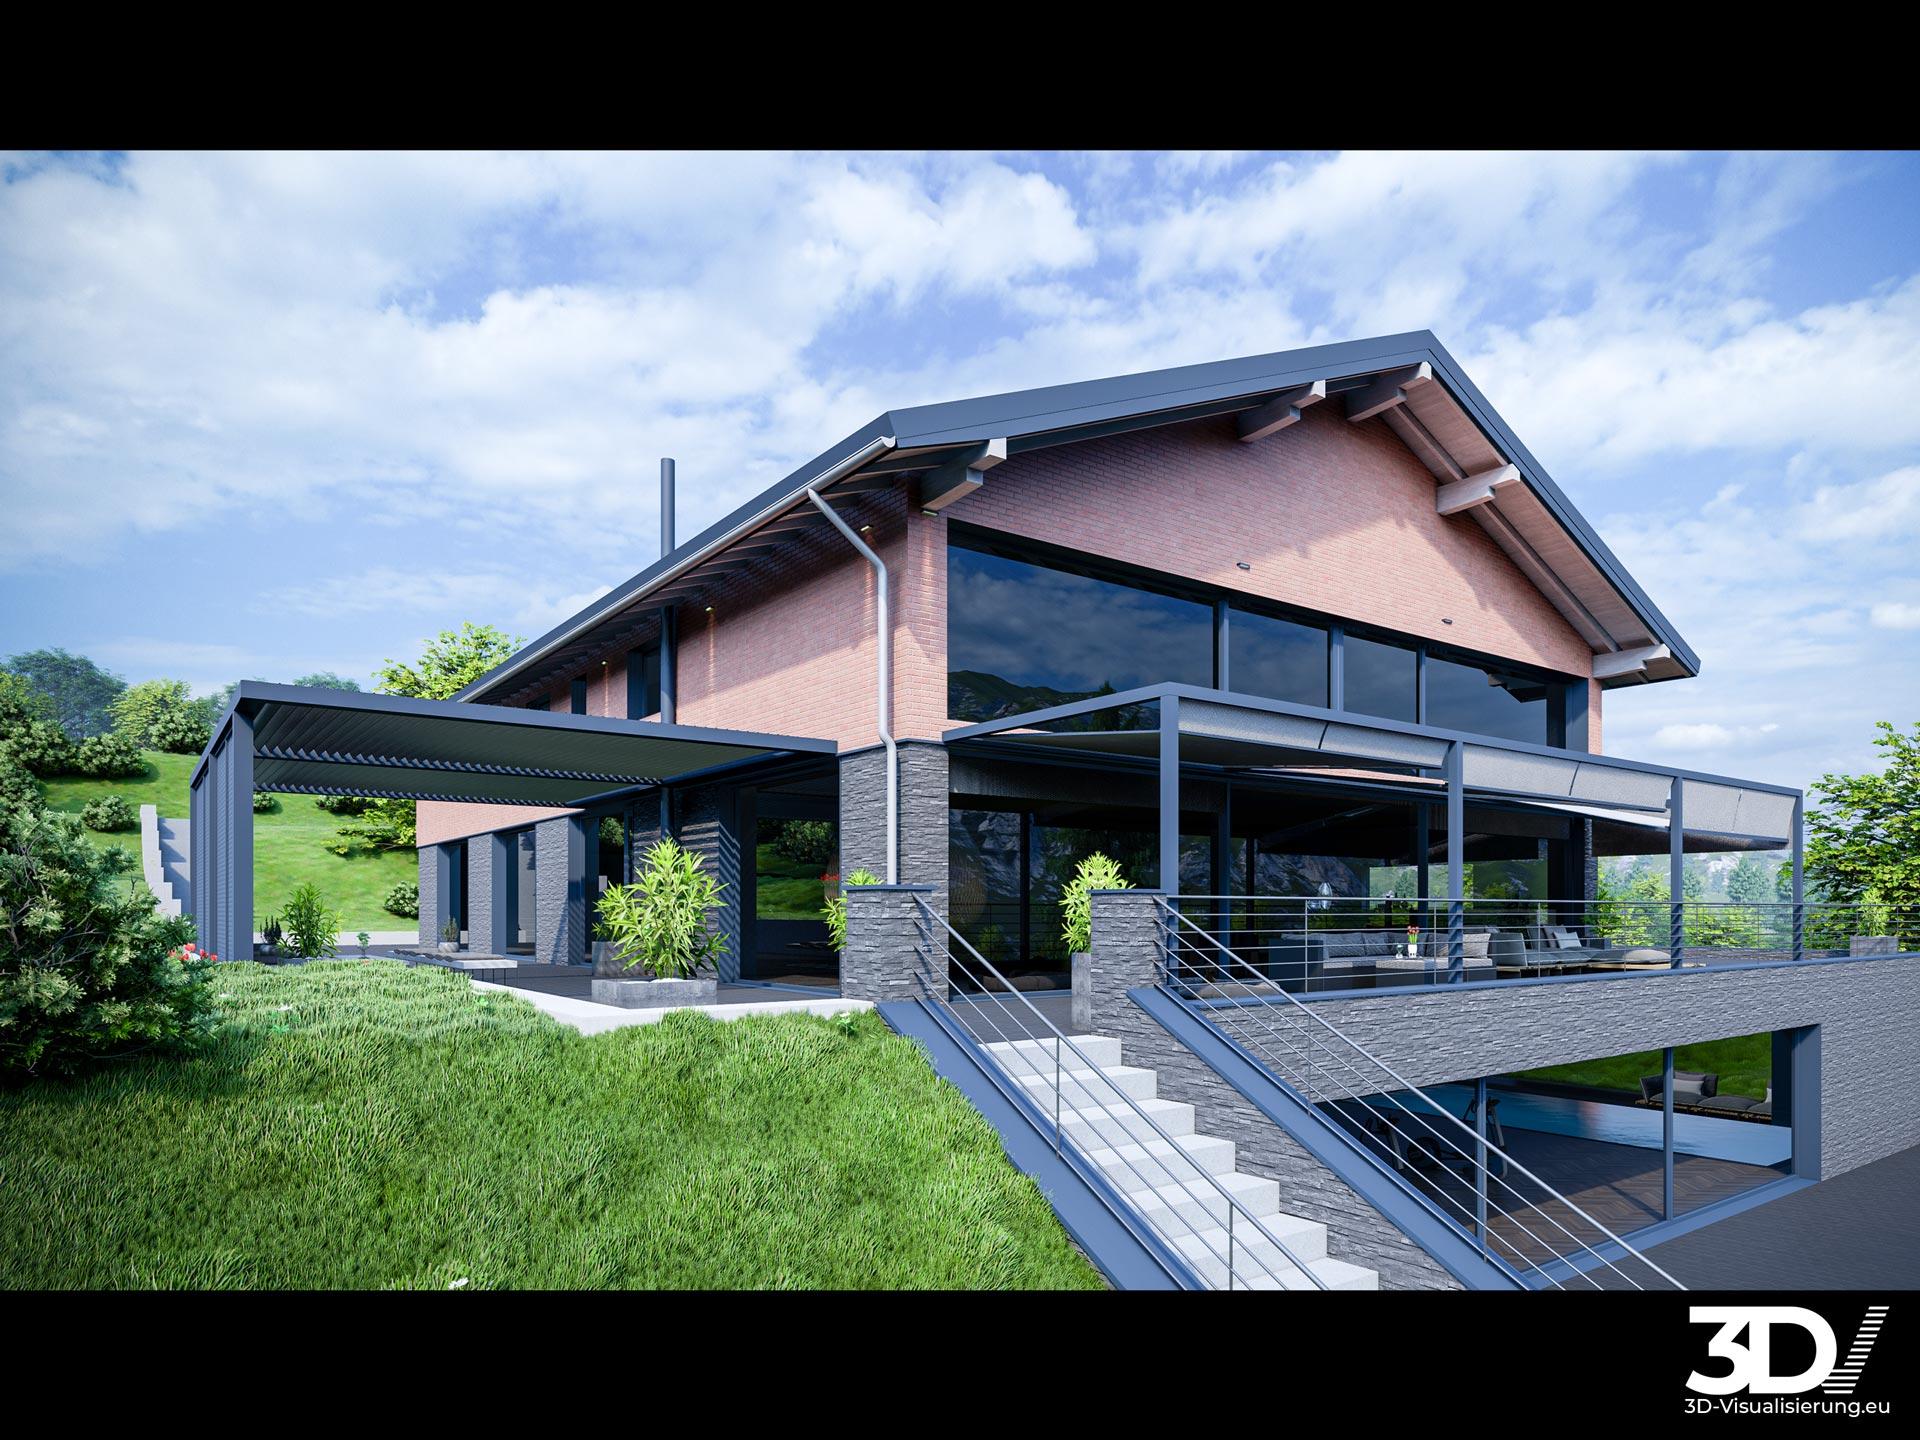 3D-Visualisierte Gesamtansicht einer Villa in Bayern